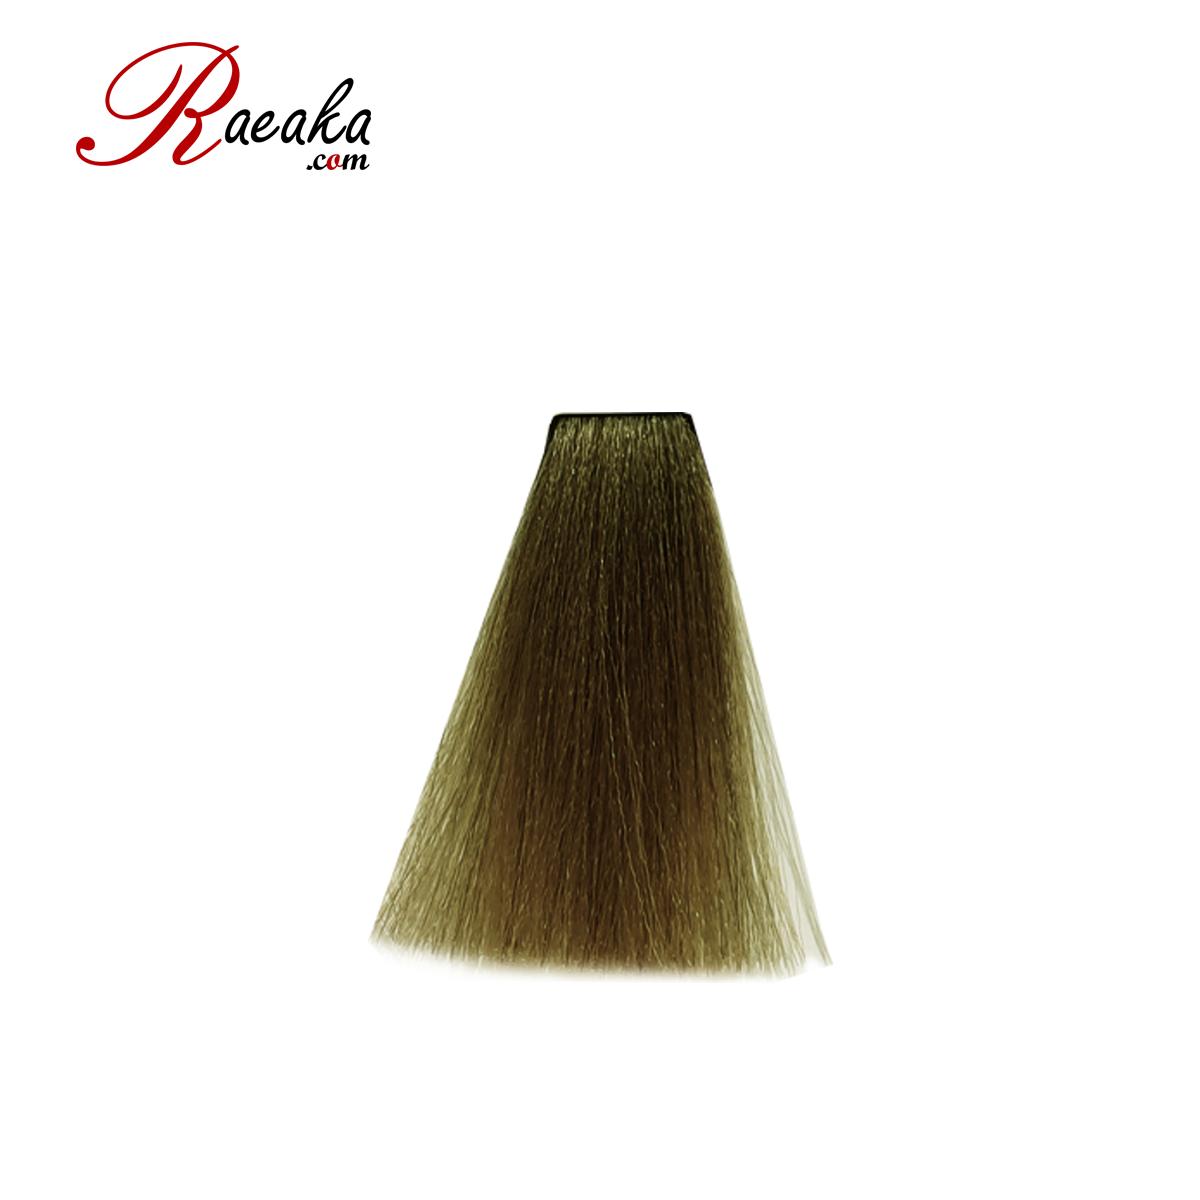 رنگ مو دوماسی سری زیتونی بلوند زیتونی متوسط ۷٫۸ حجم ۱۲۰ میلی لیتر